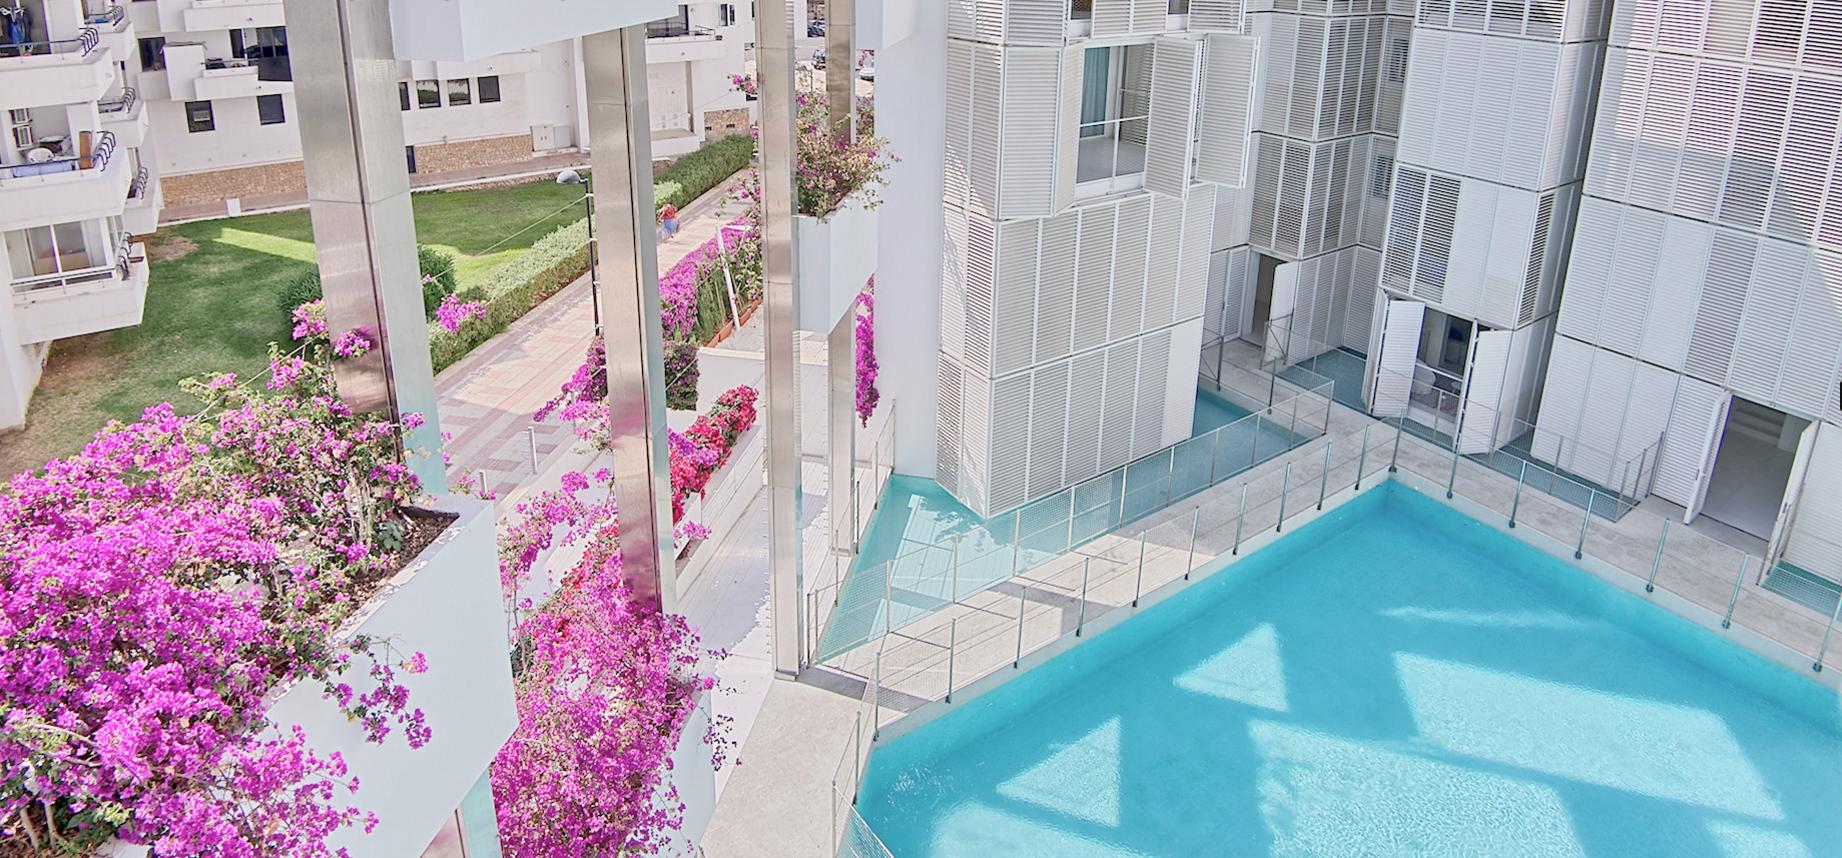 decoradornet-copyright-ibiza-patio-blanco (1)